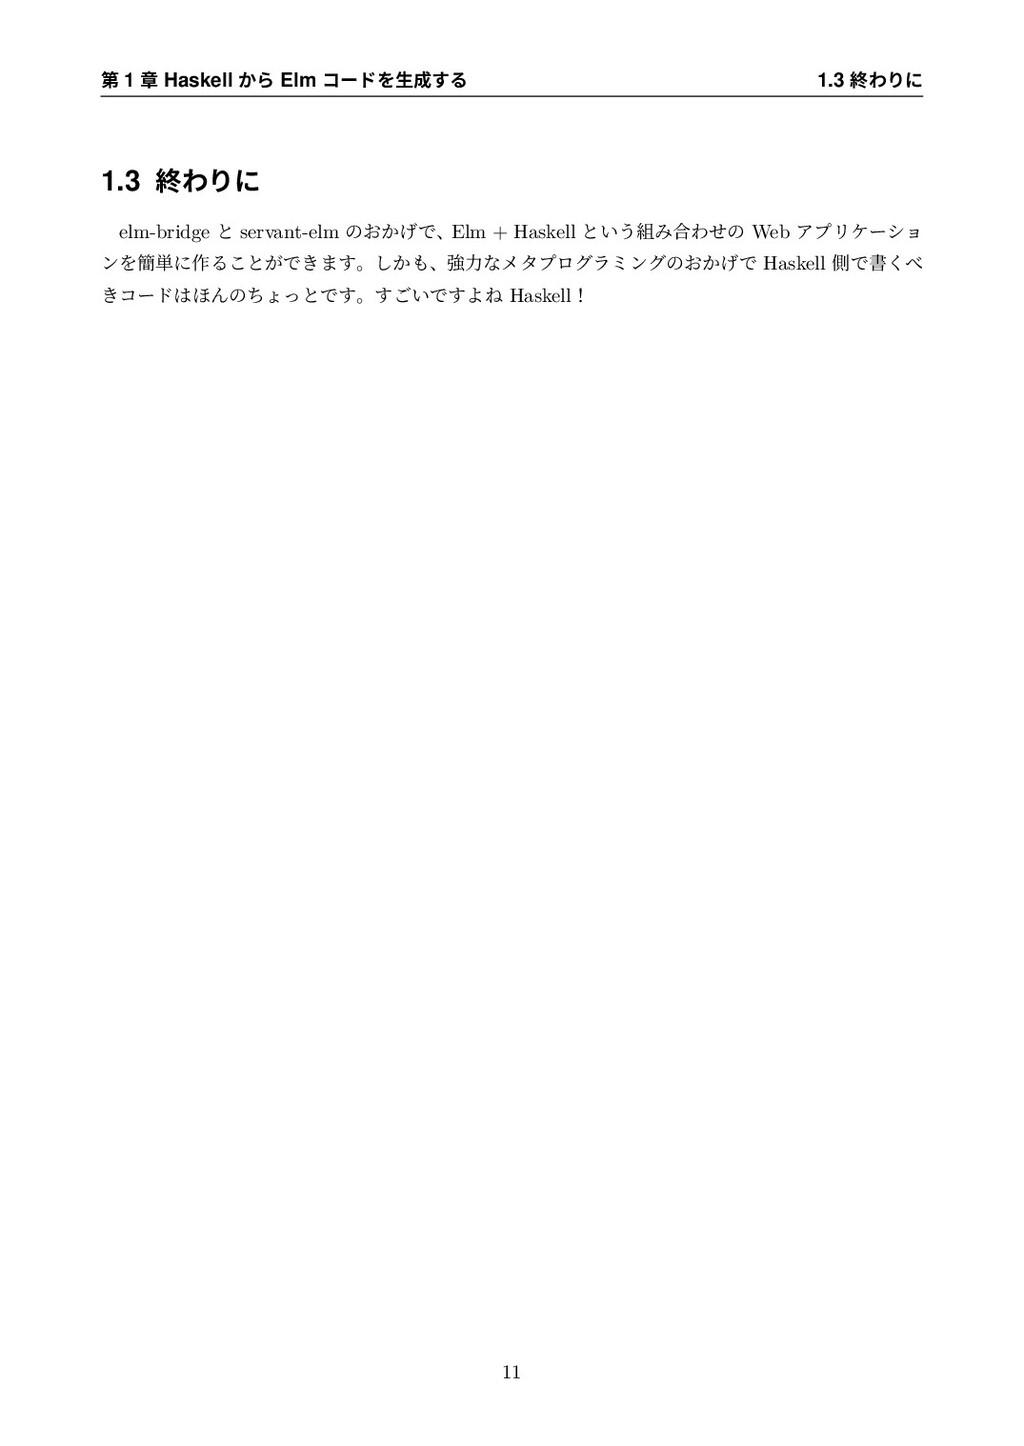 ୈ 1 ষ Haskell ͔Β Elm ίʔυΛੜ͢Δ 1.3 ऴΘΓʹ 1.3 ऴΘΓʹ...